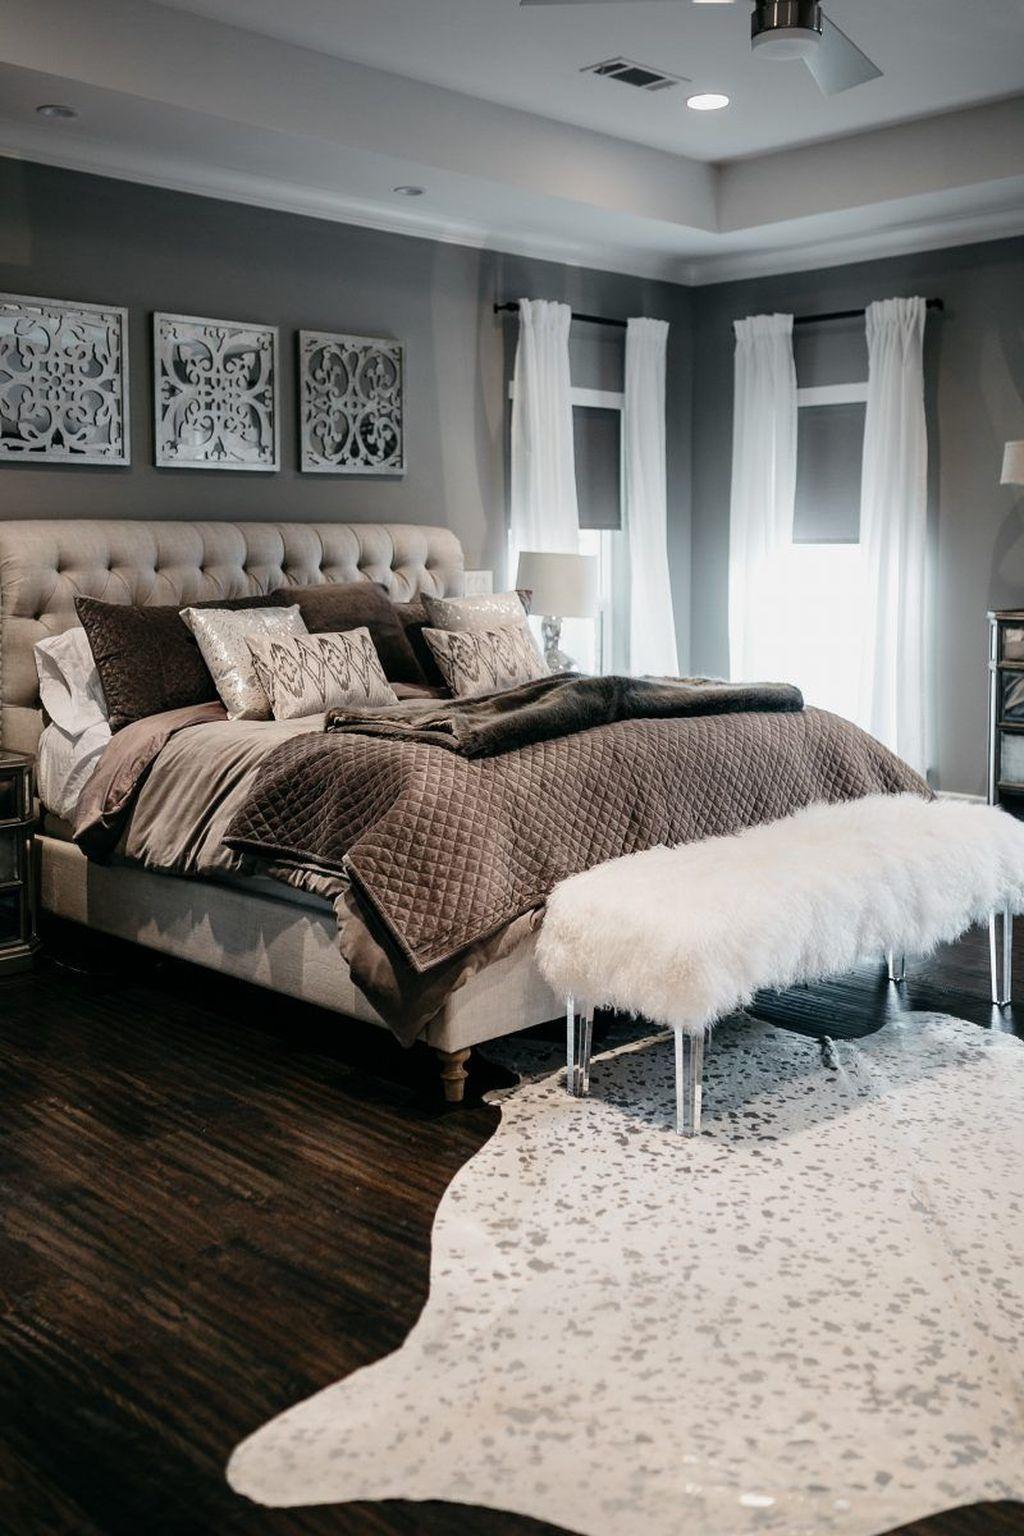 30 Stunning Master Bedroom Organization Design Ideas Cozy Master Bedroom Master Bedrooms Decor Master Bedroom Organization